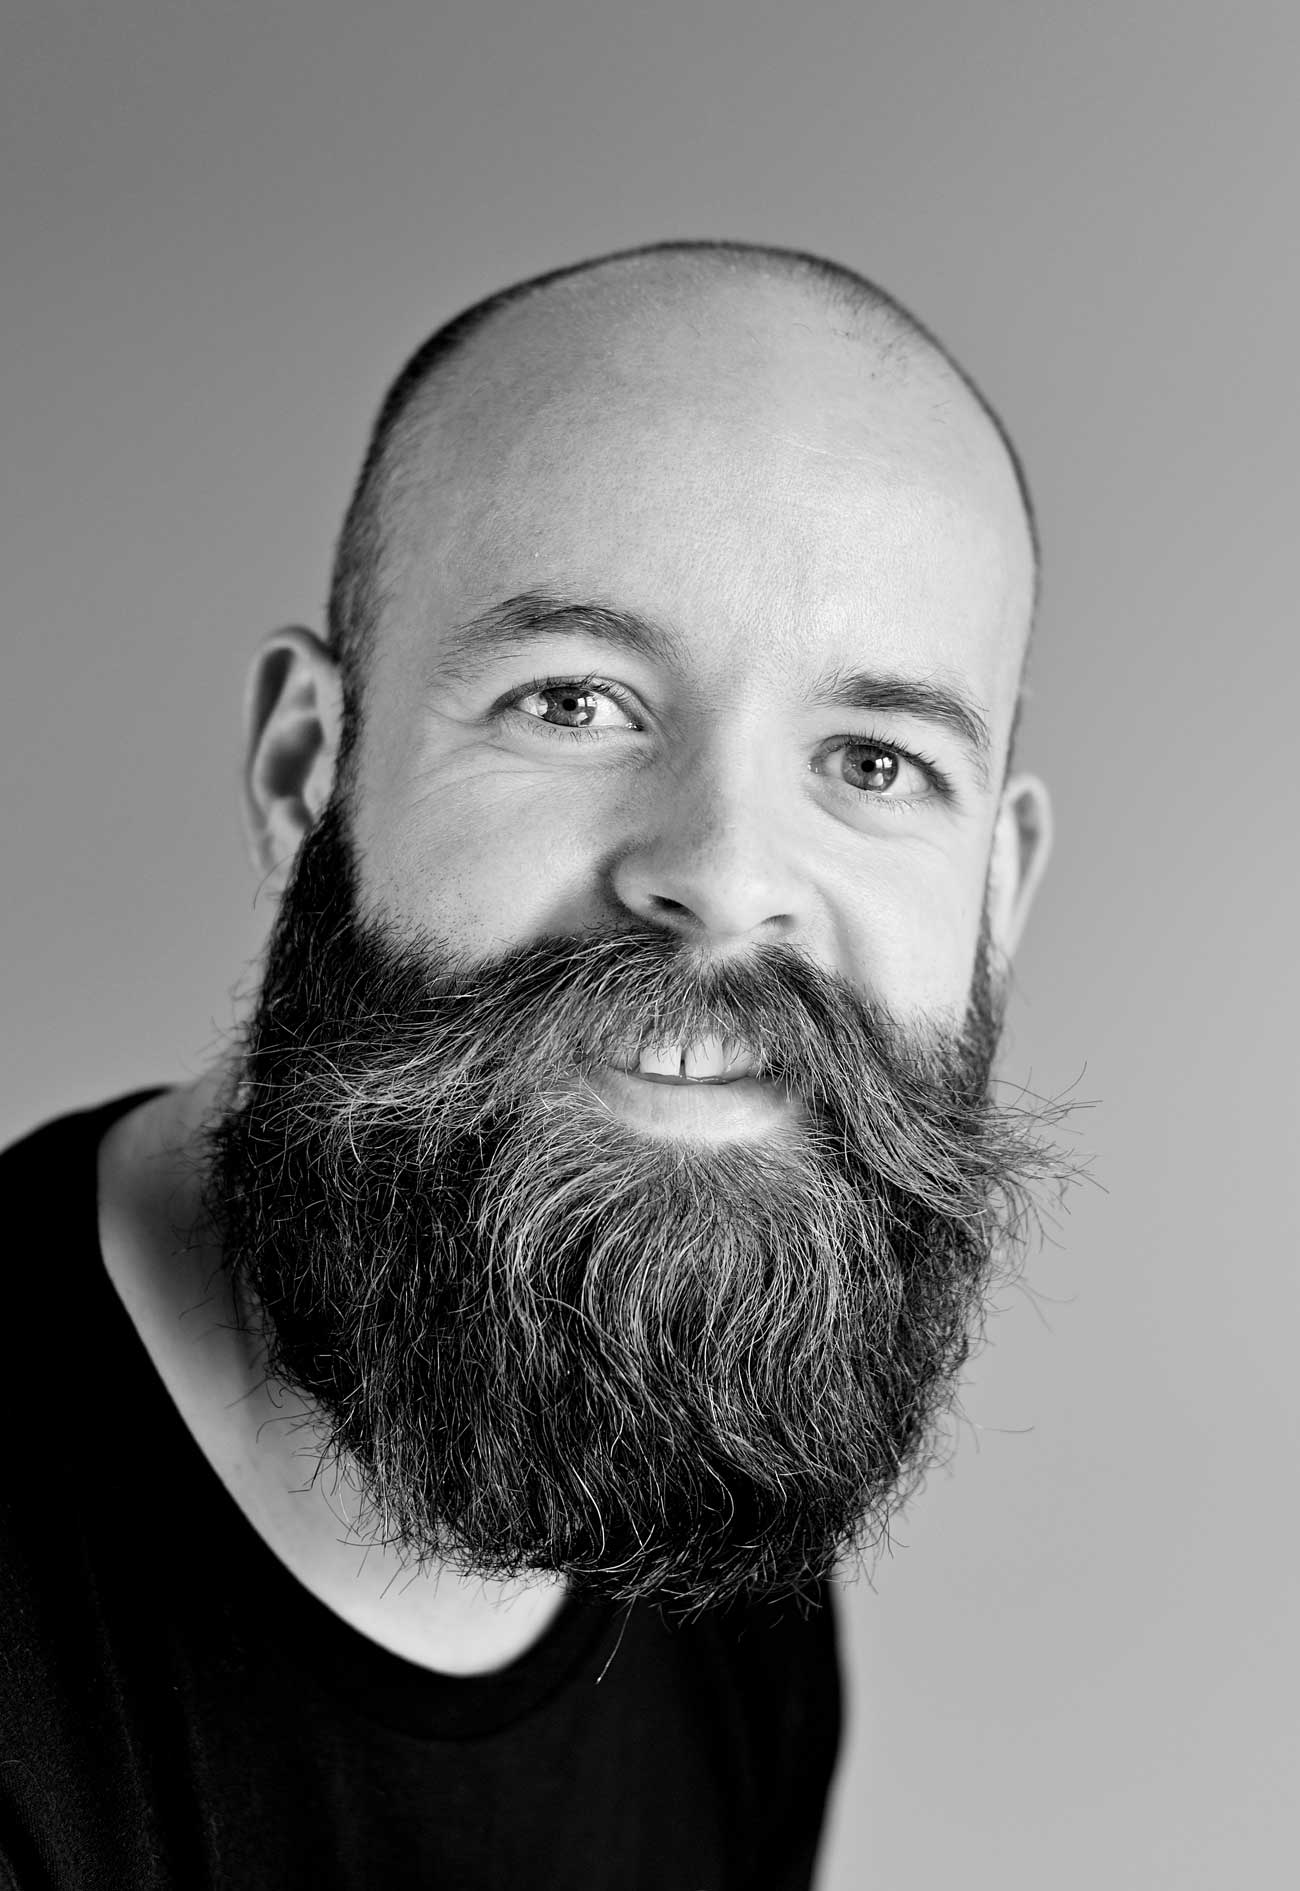 faire pousser la barbe rapidement